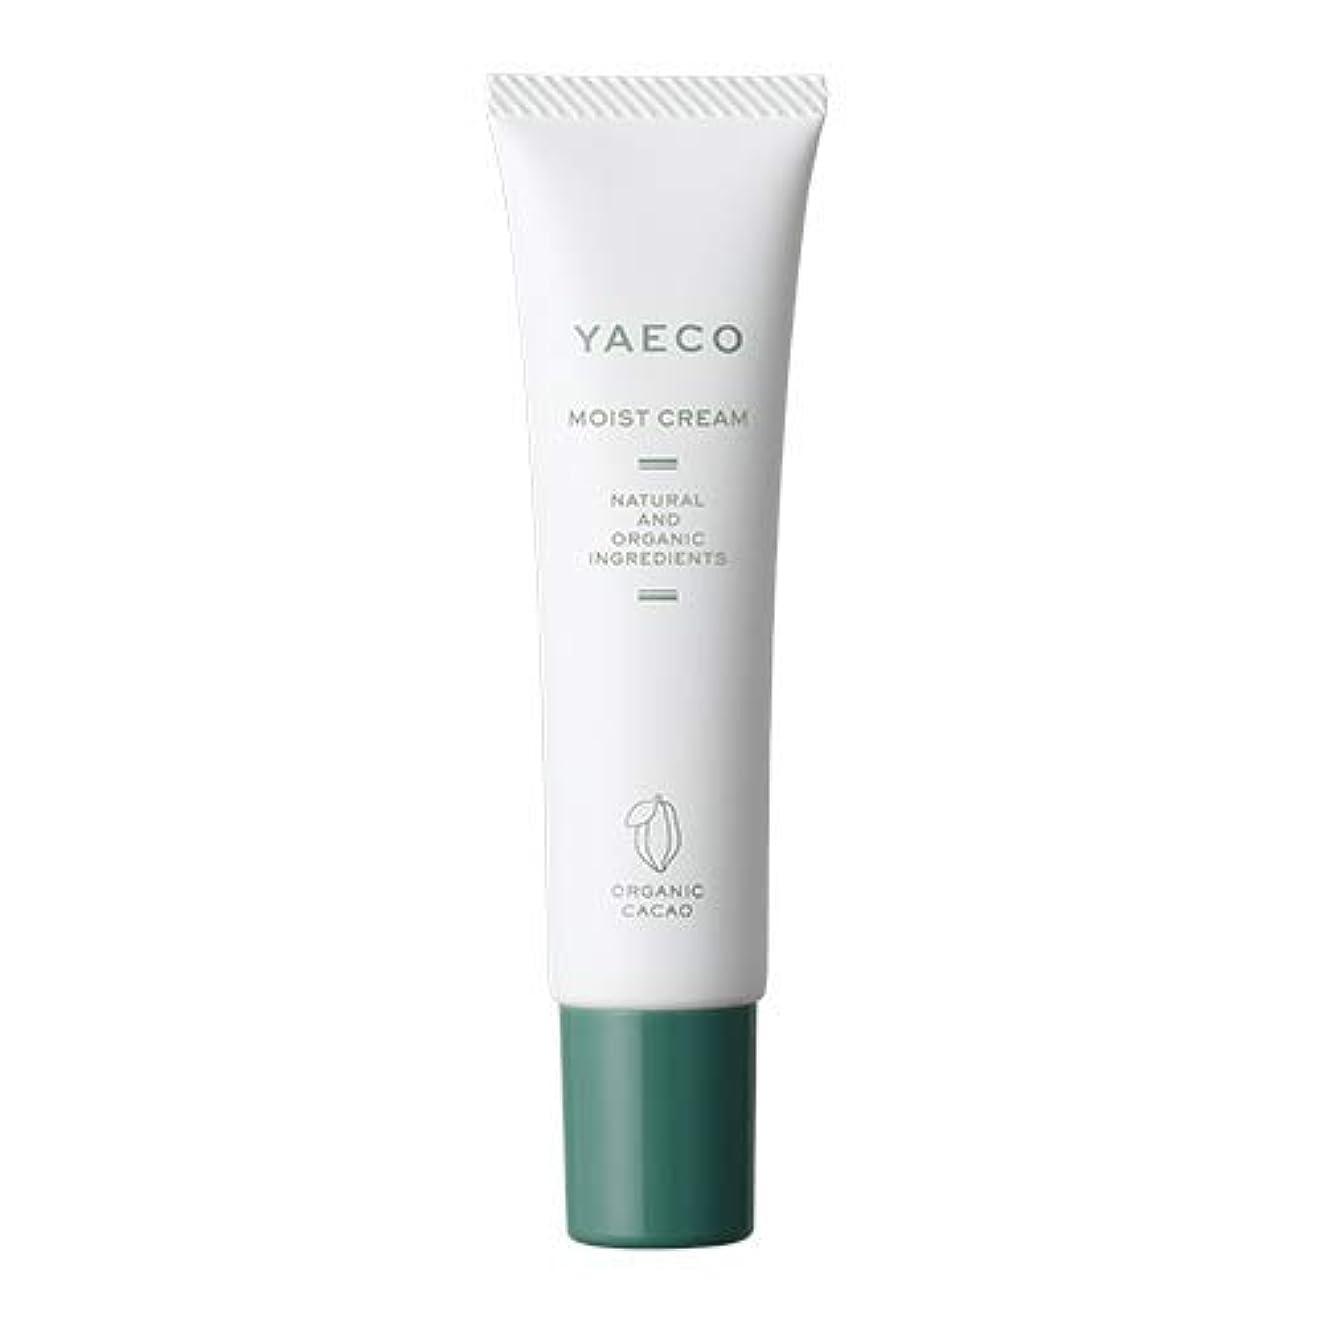 おそらく悪化させる簡潔なYAECO(ヤエコ)オーガニックカカオモイストクリーム 30g